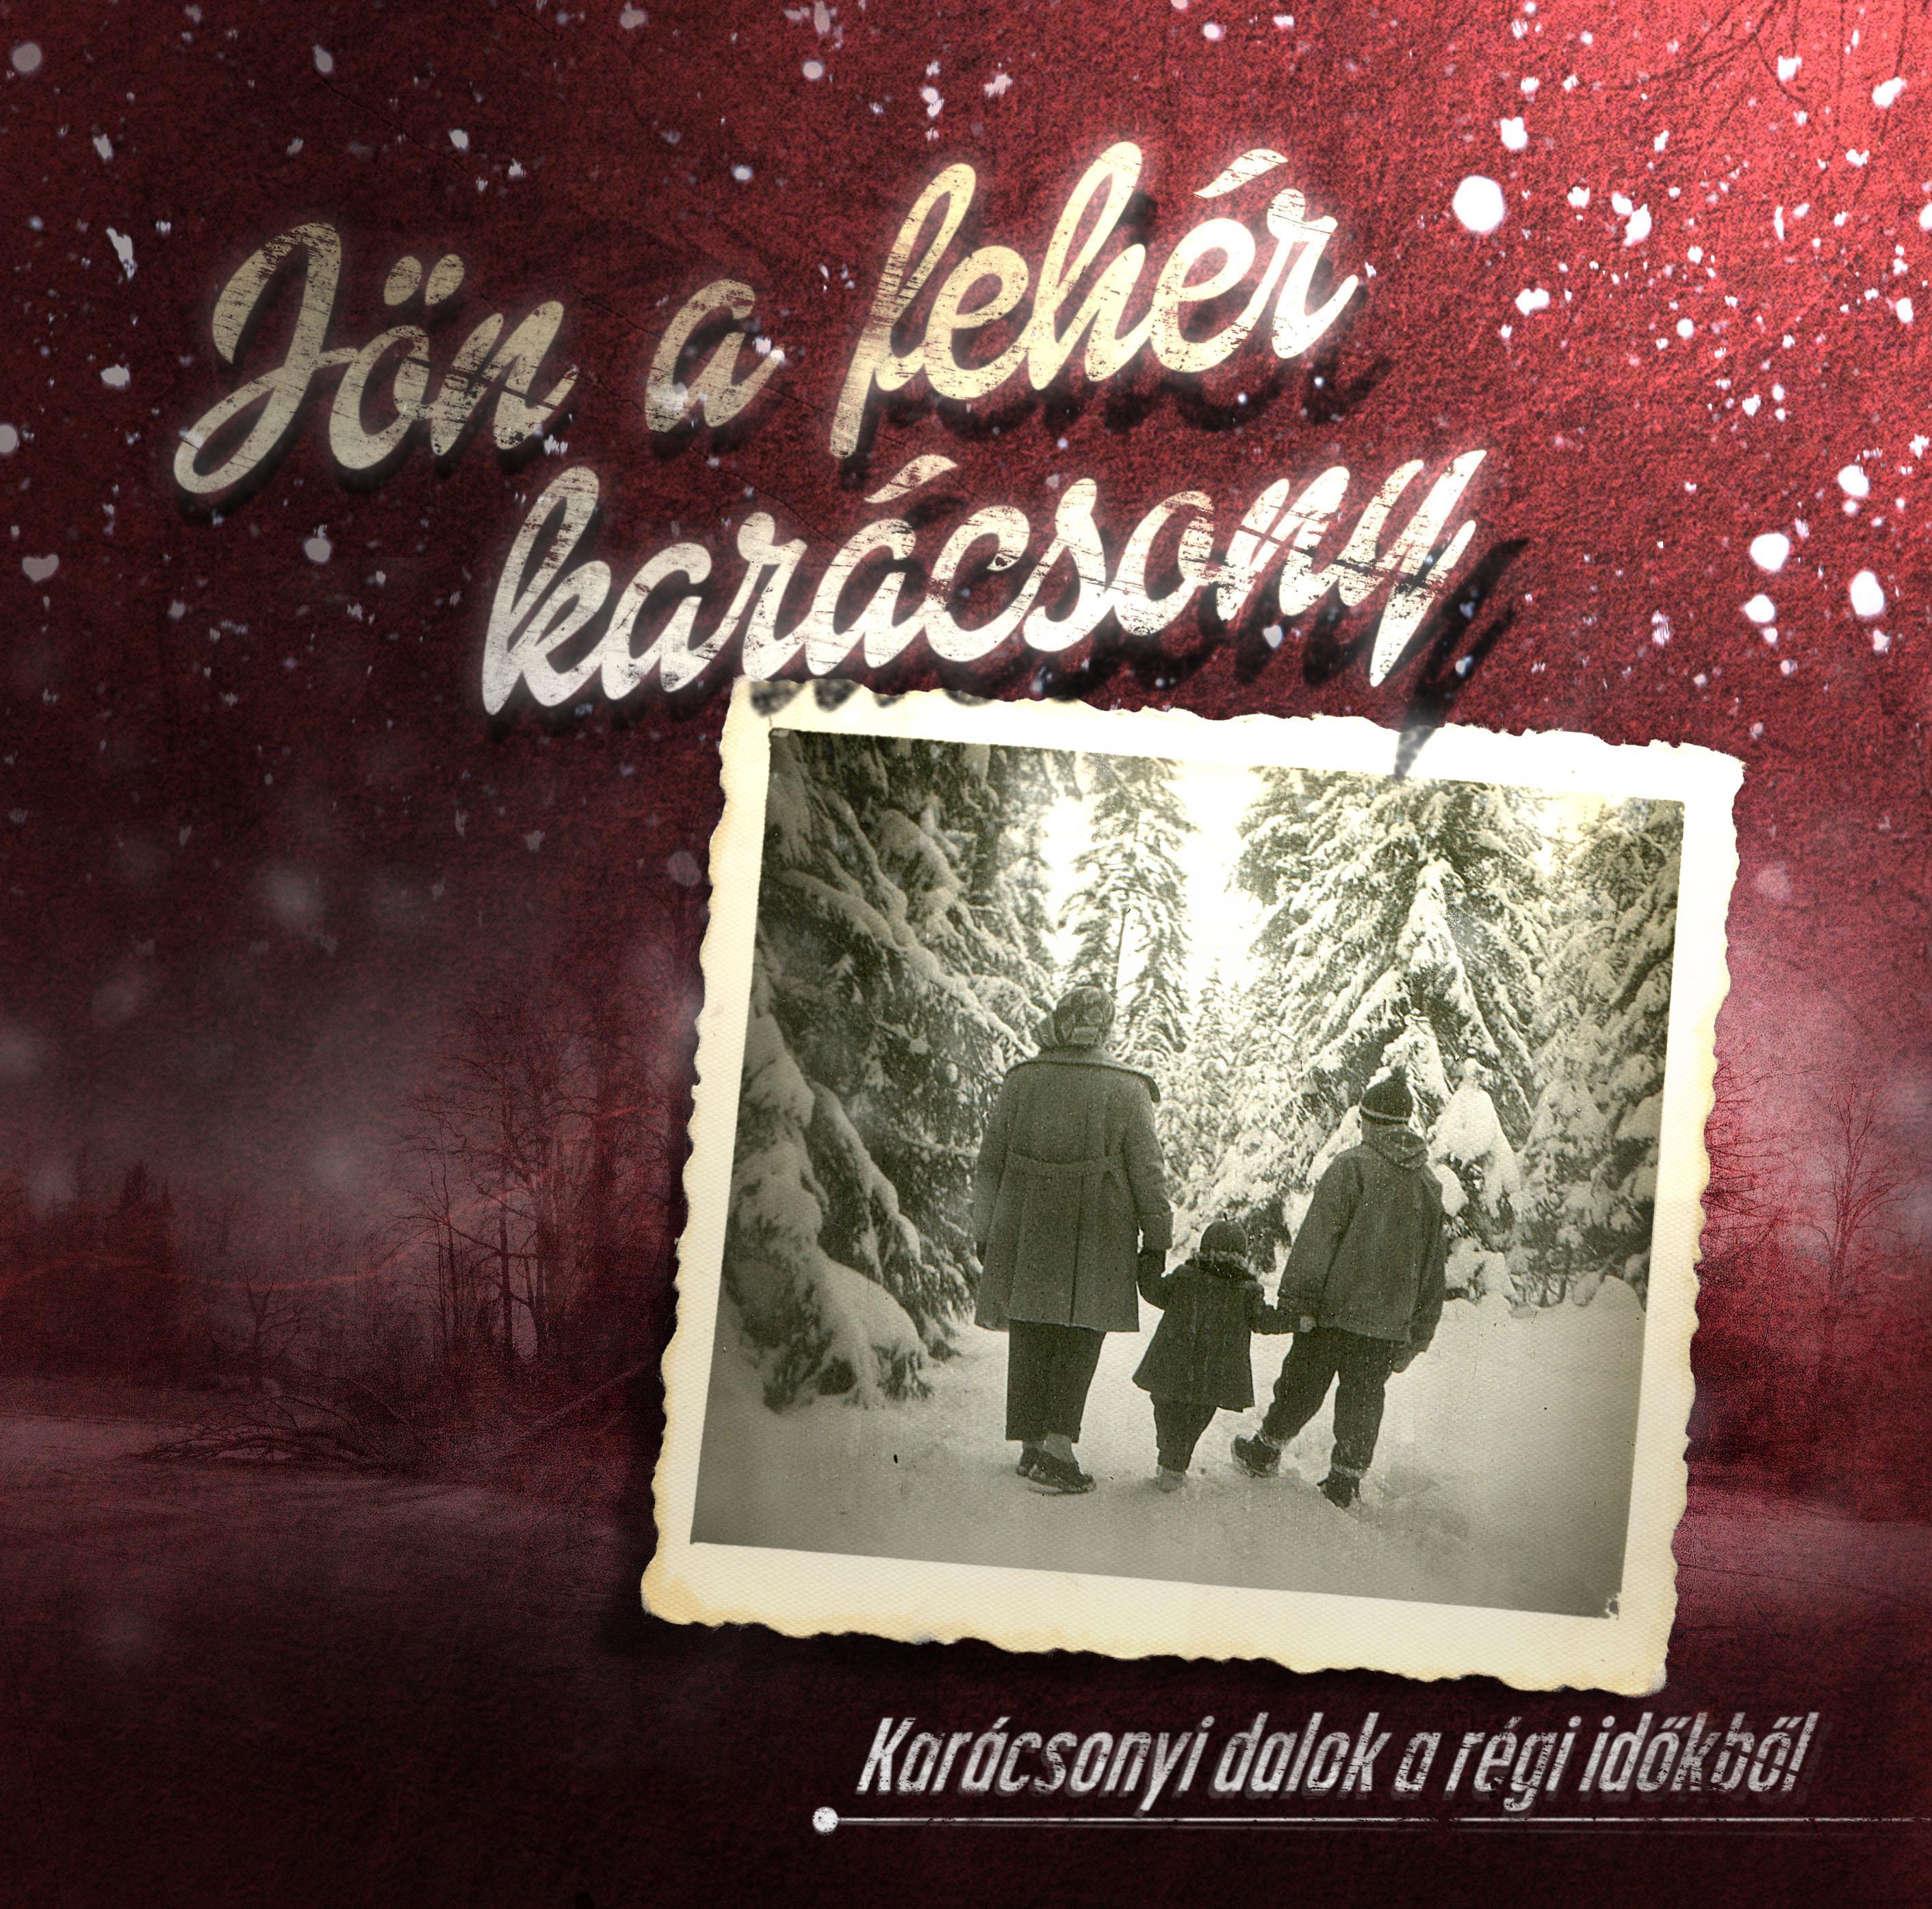 - - Jön a fehér karácsony - Karácsonyi dalok a régi időkből